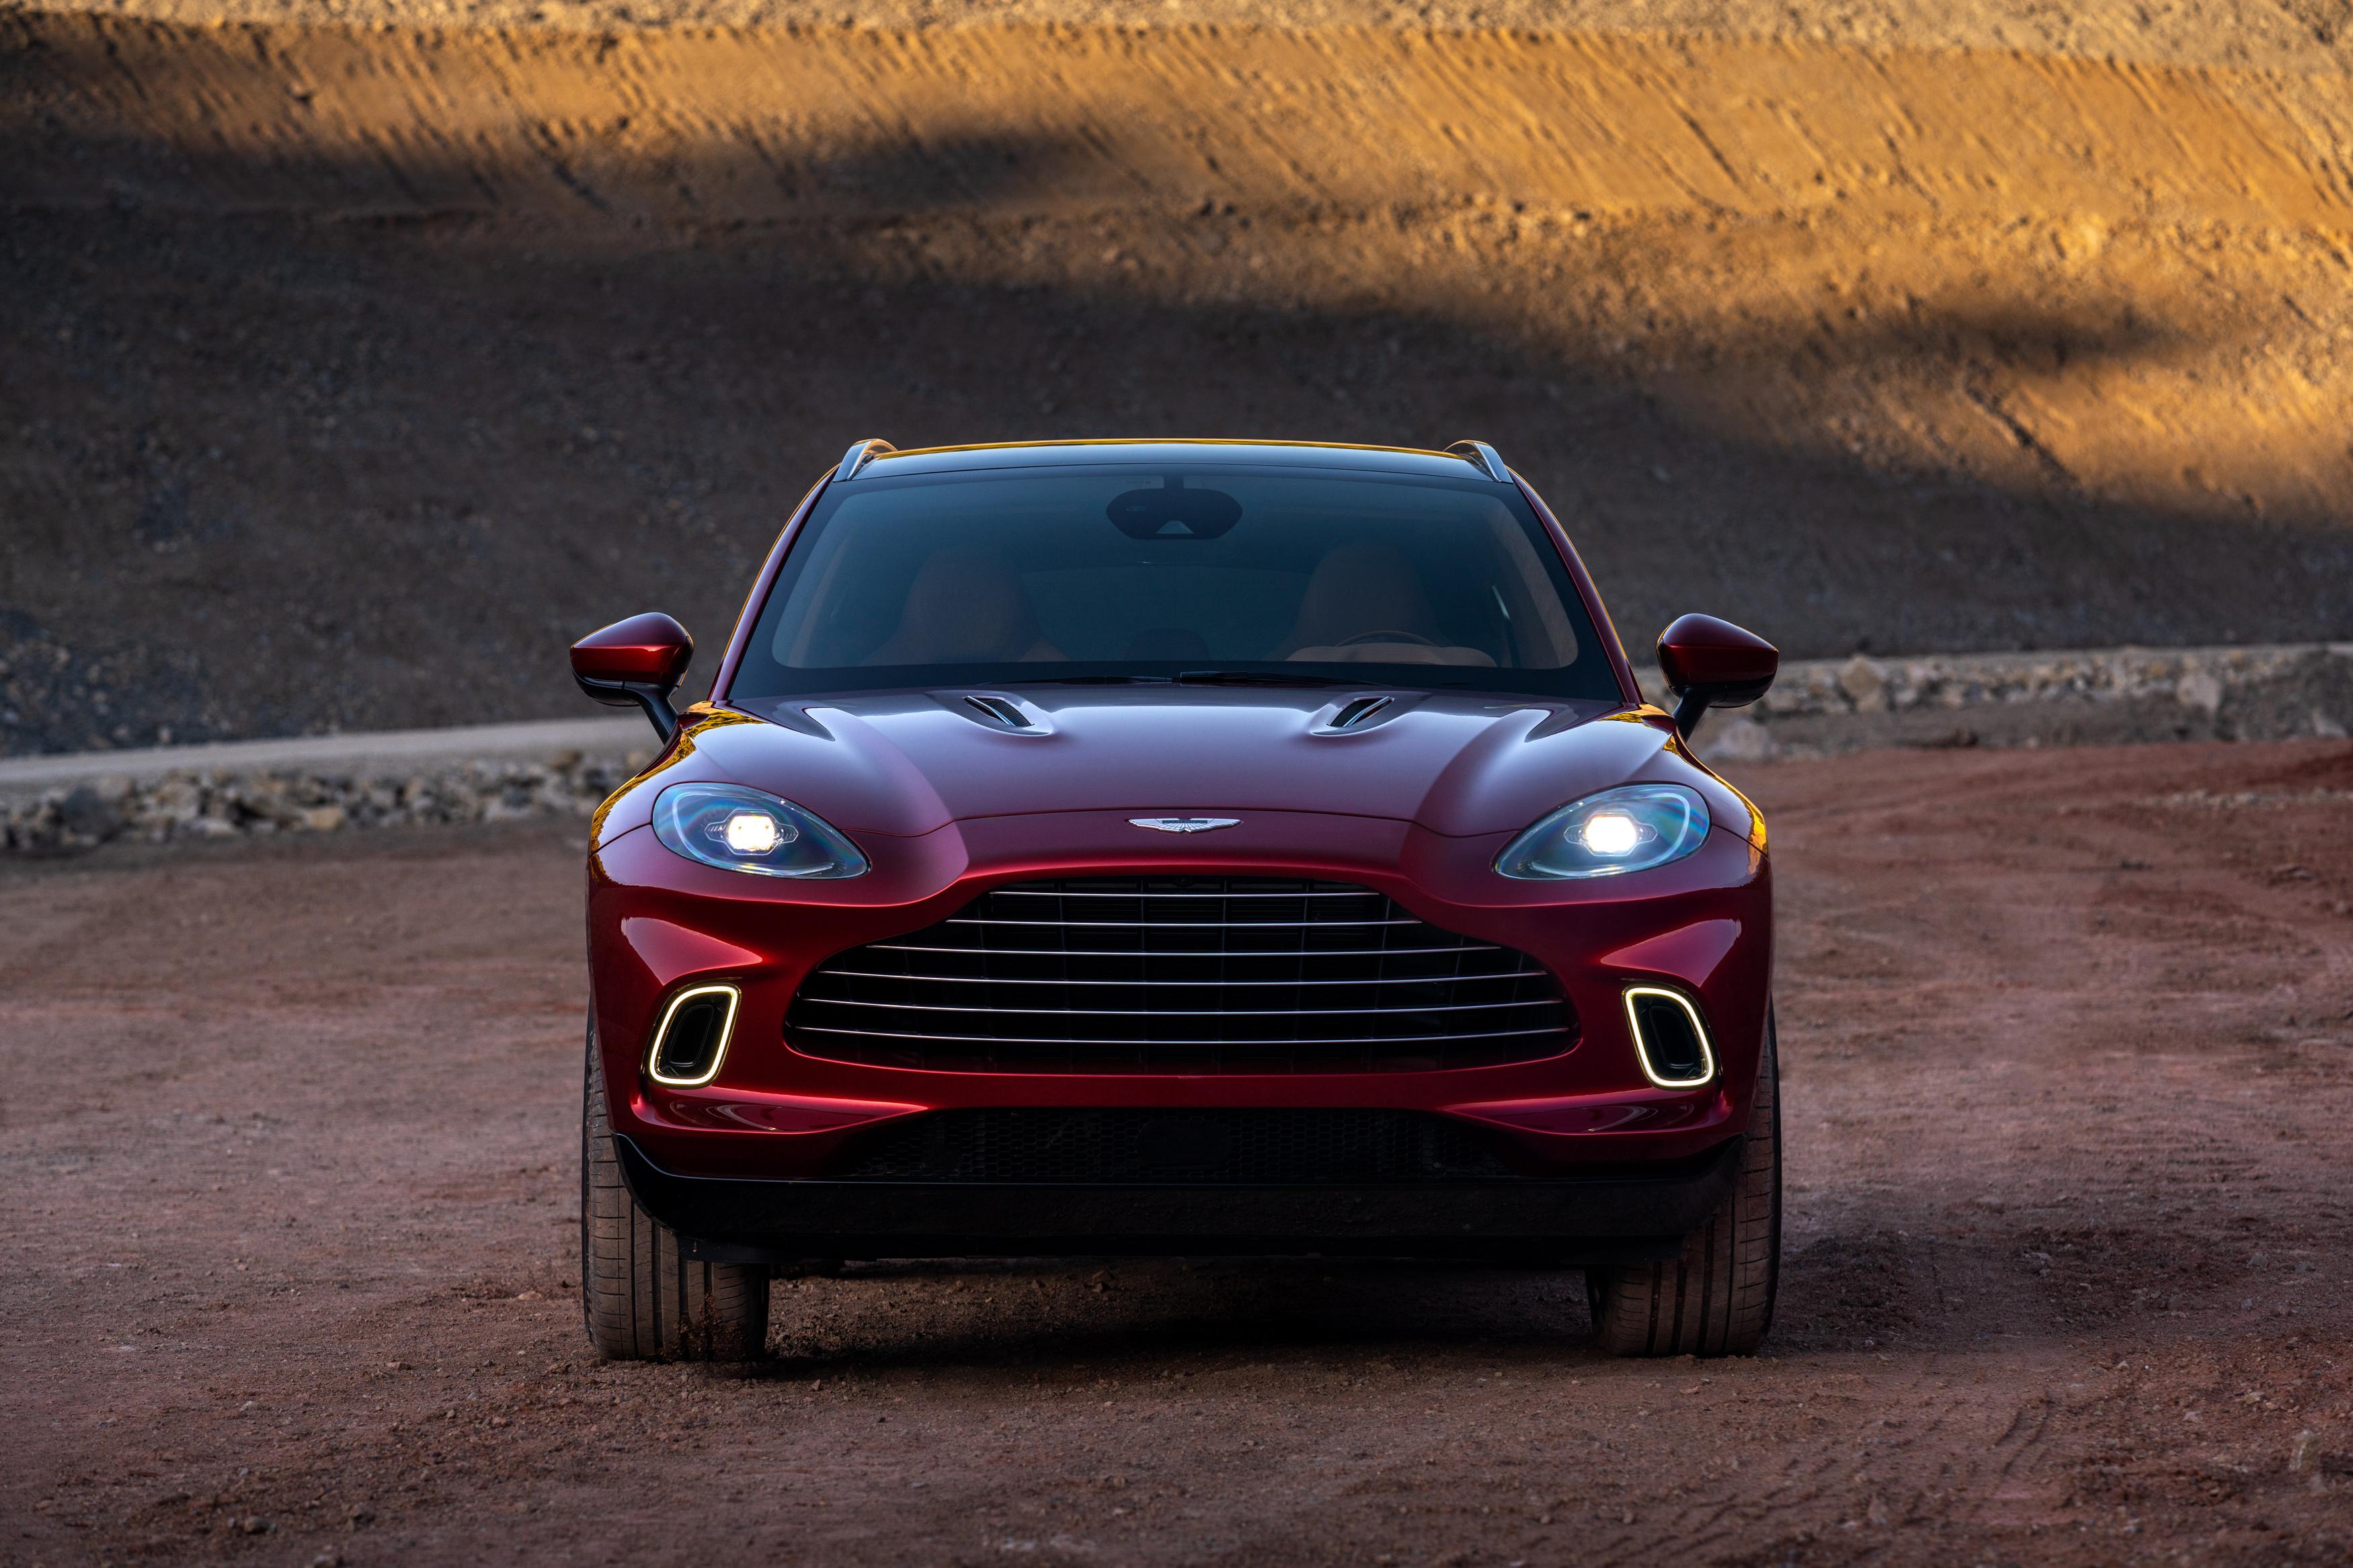 Aston Martin Dbx Hd Wallpaper Hintergrund 3500x2333 Id 1052710 Wallpaper Abyss